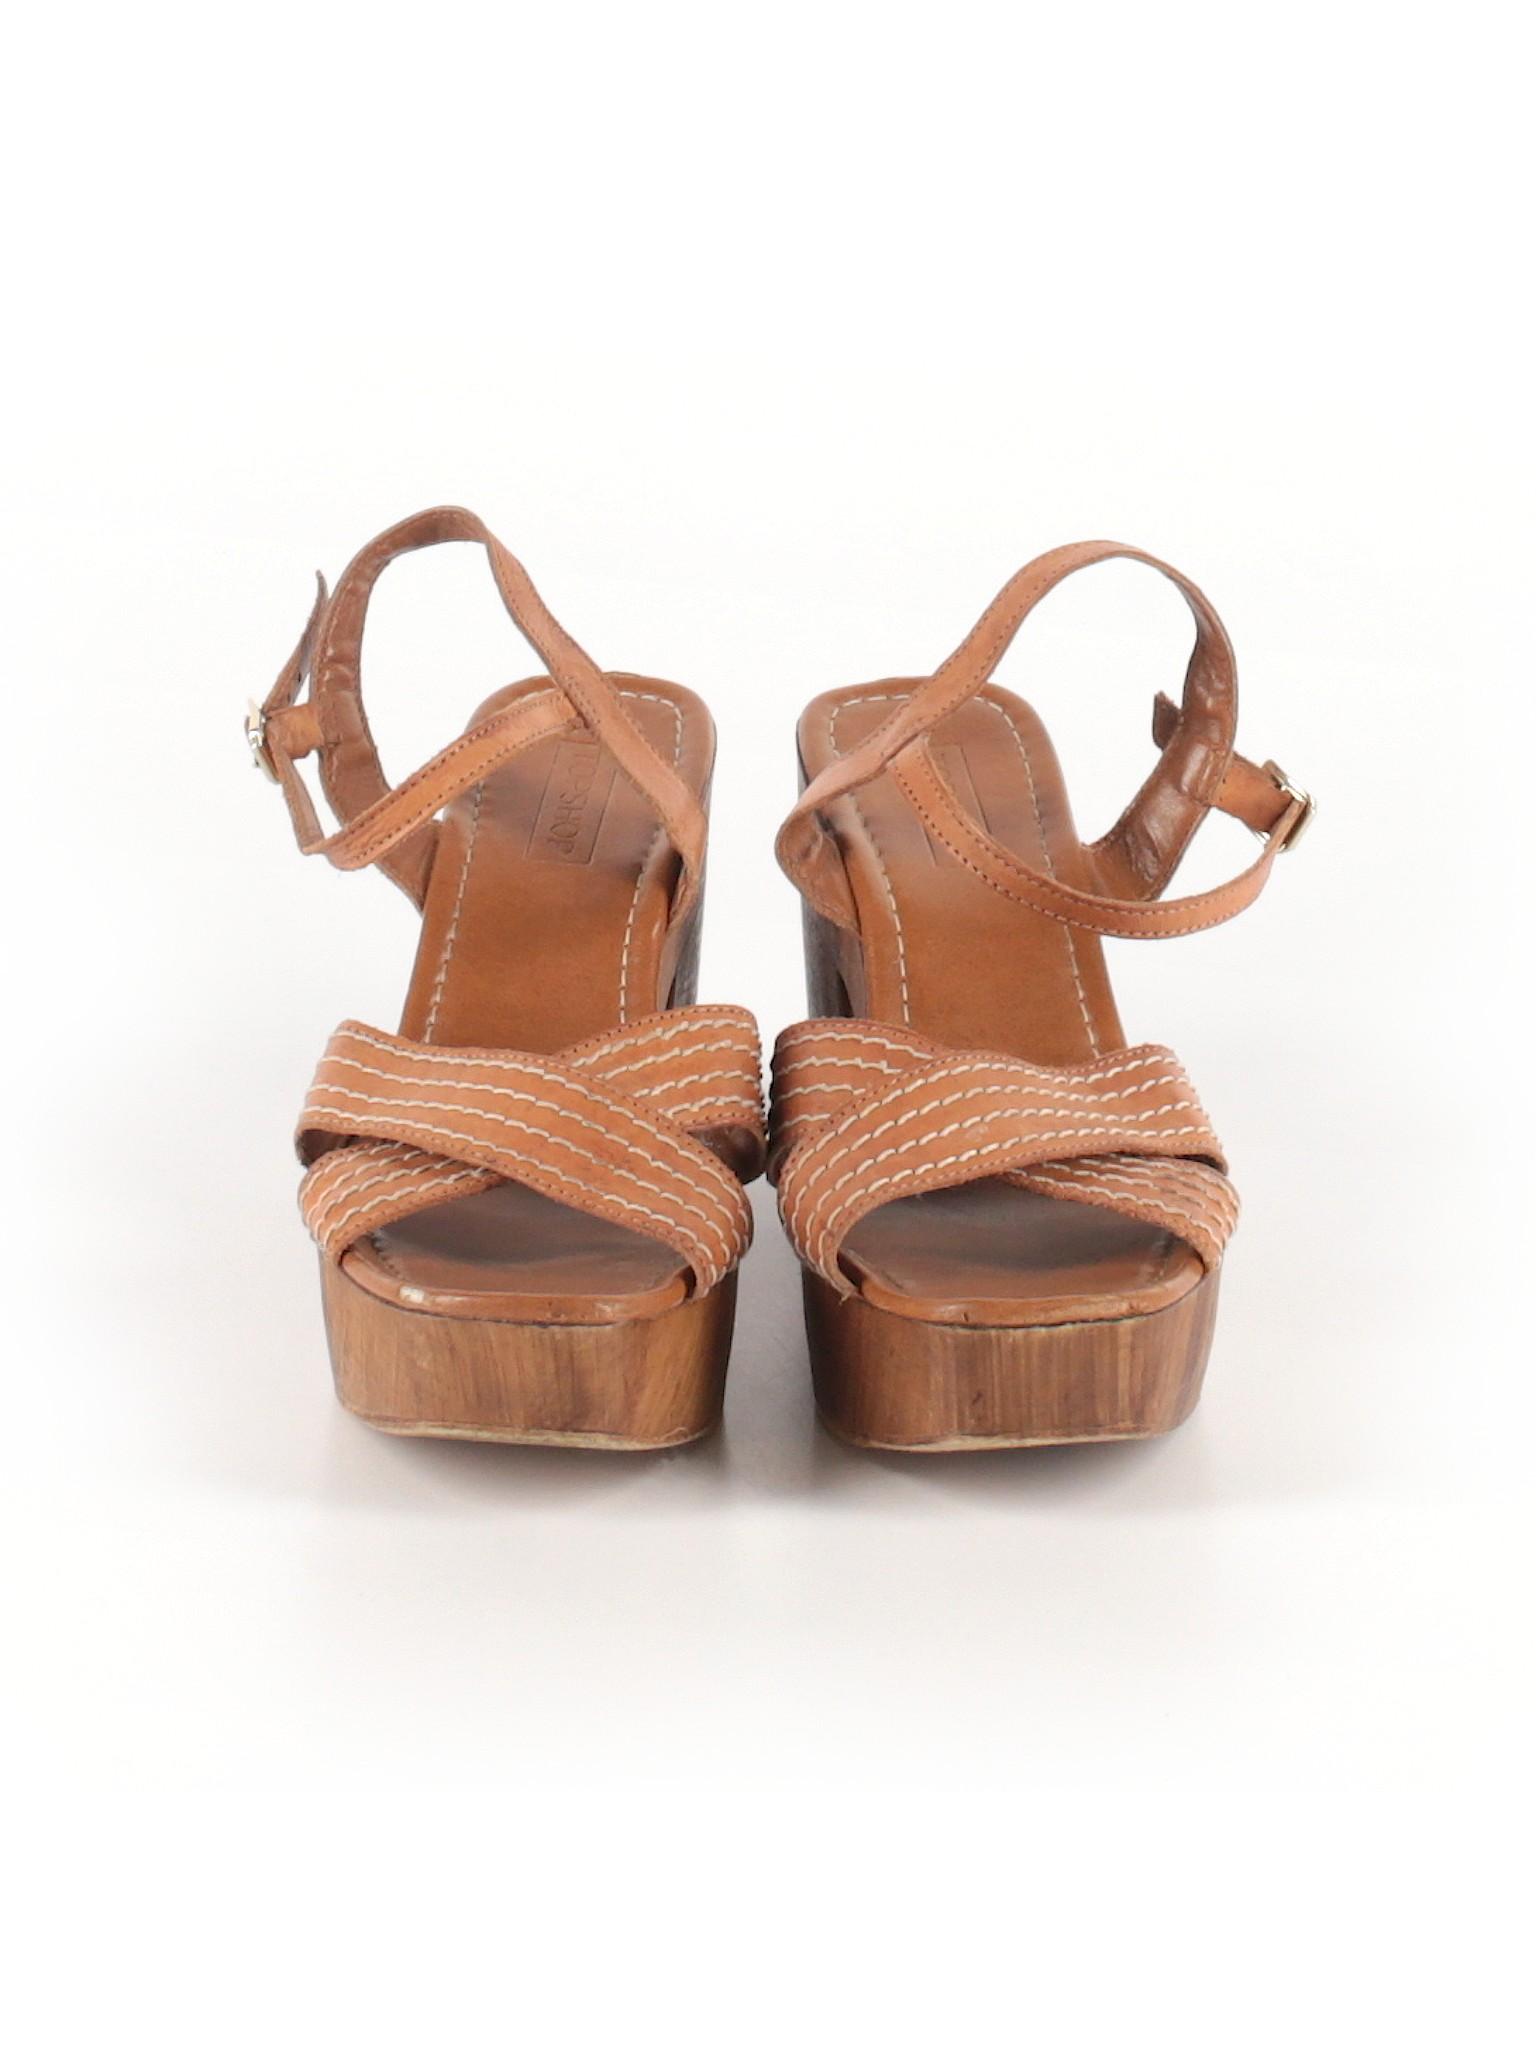 promotion Boutique Topshop Boutique promotion Topshop promotion Topshop Heels Heels Heels Boutique Boutique qEHxttwRF